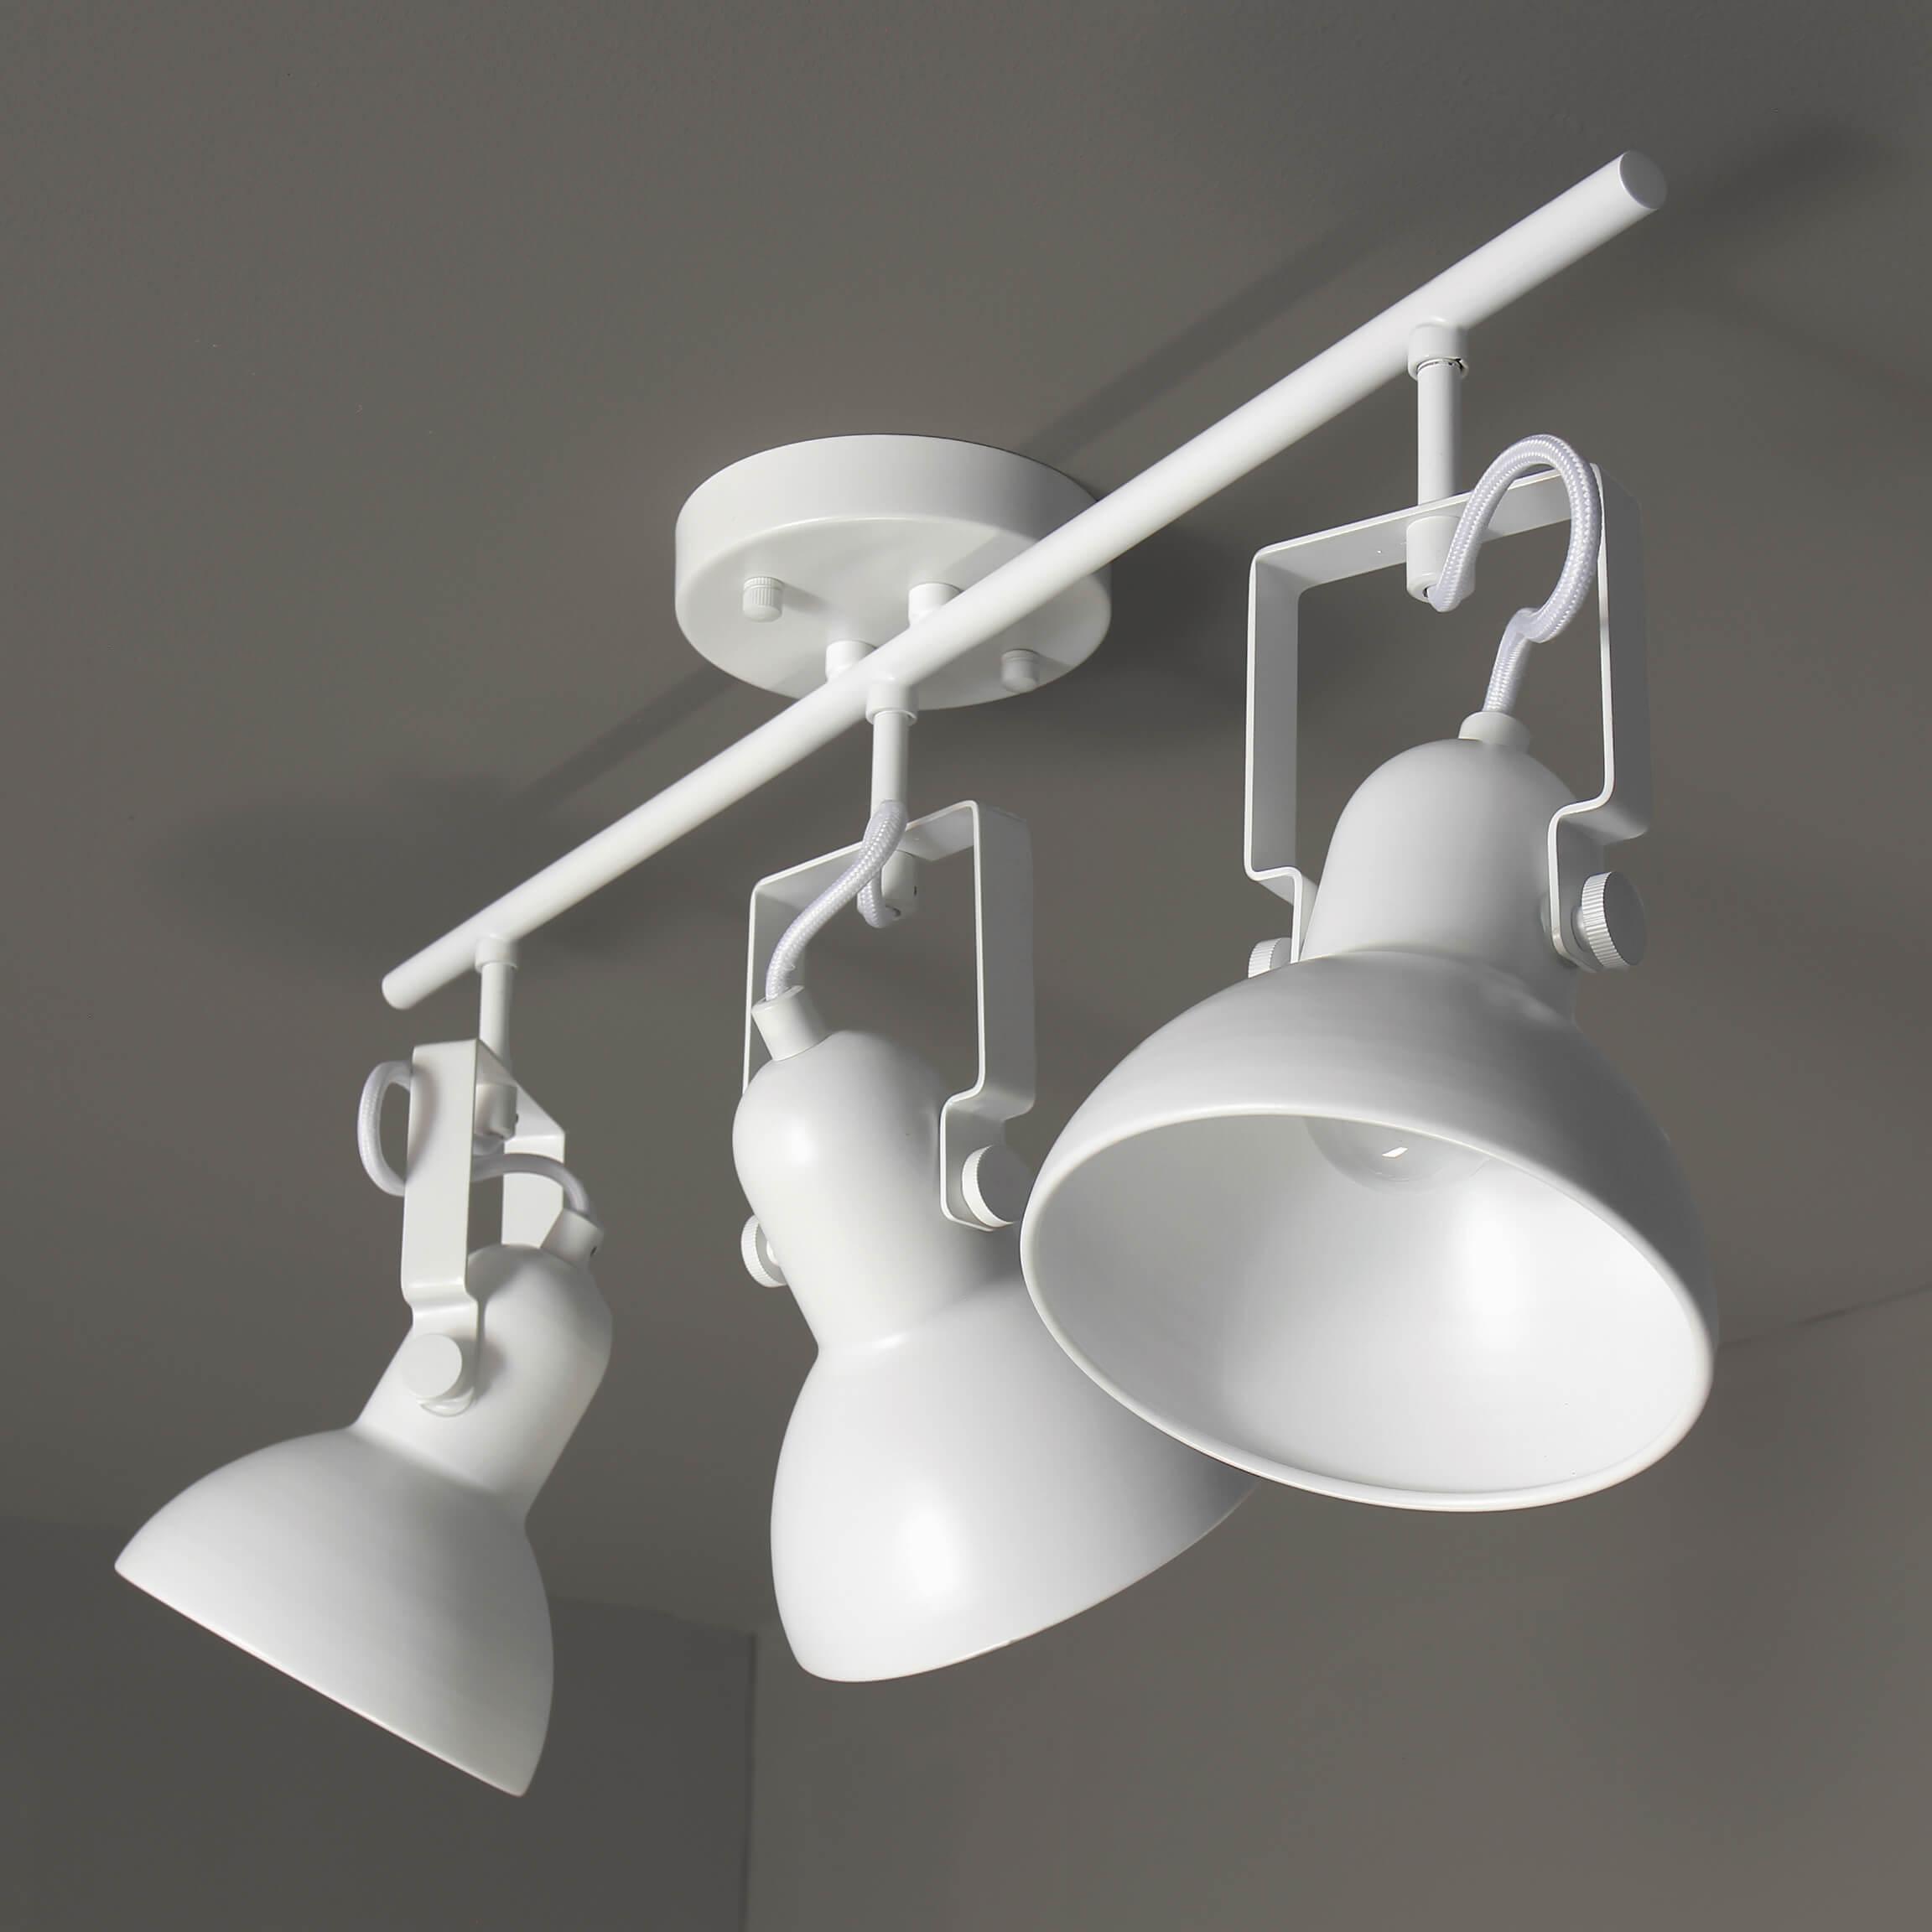 Spot Leuchte Weiß Metall 3x E14 Retro praktisch